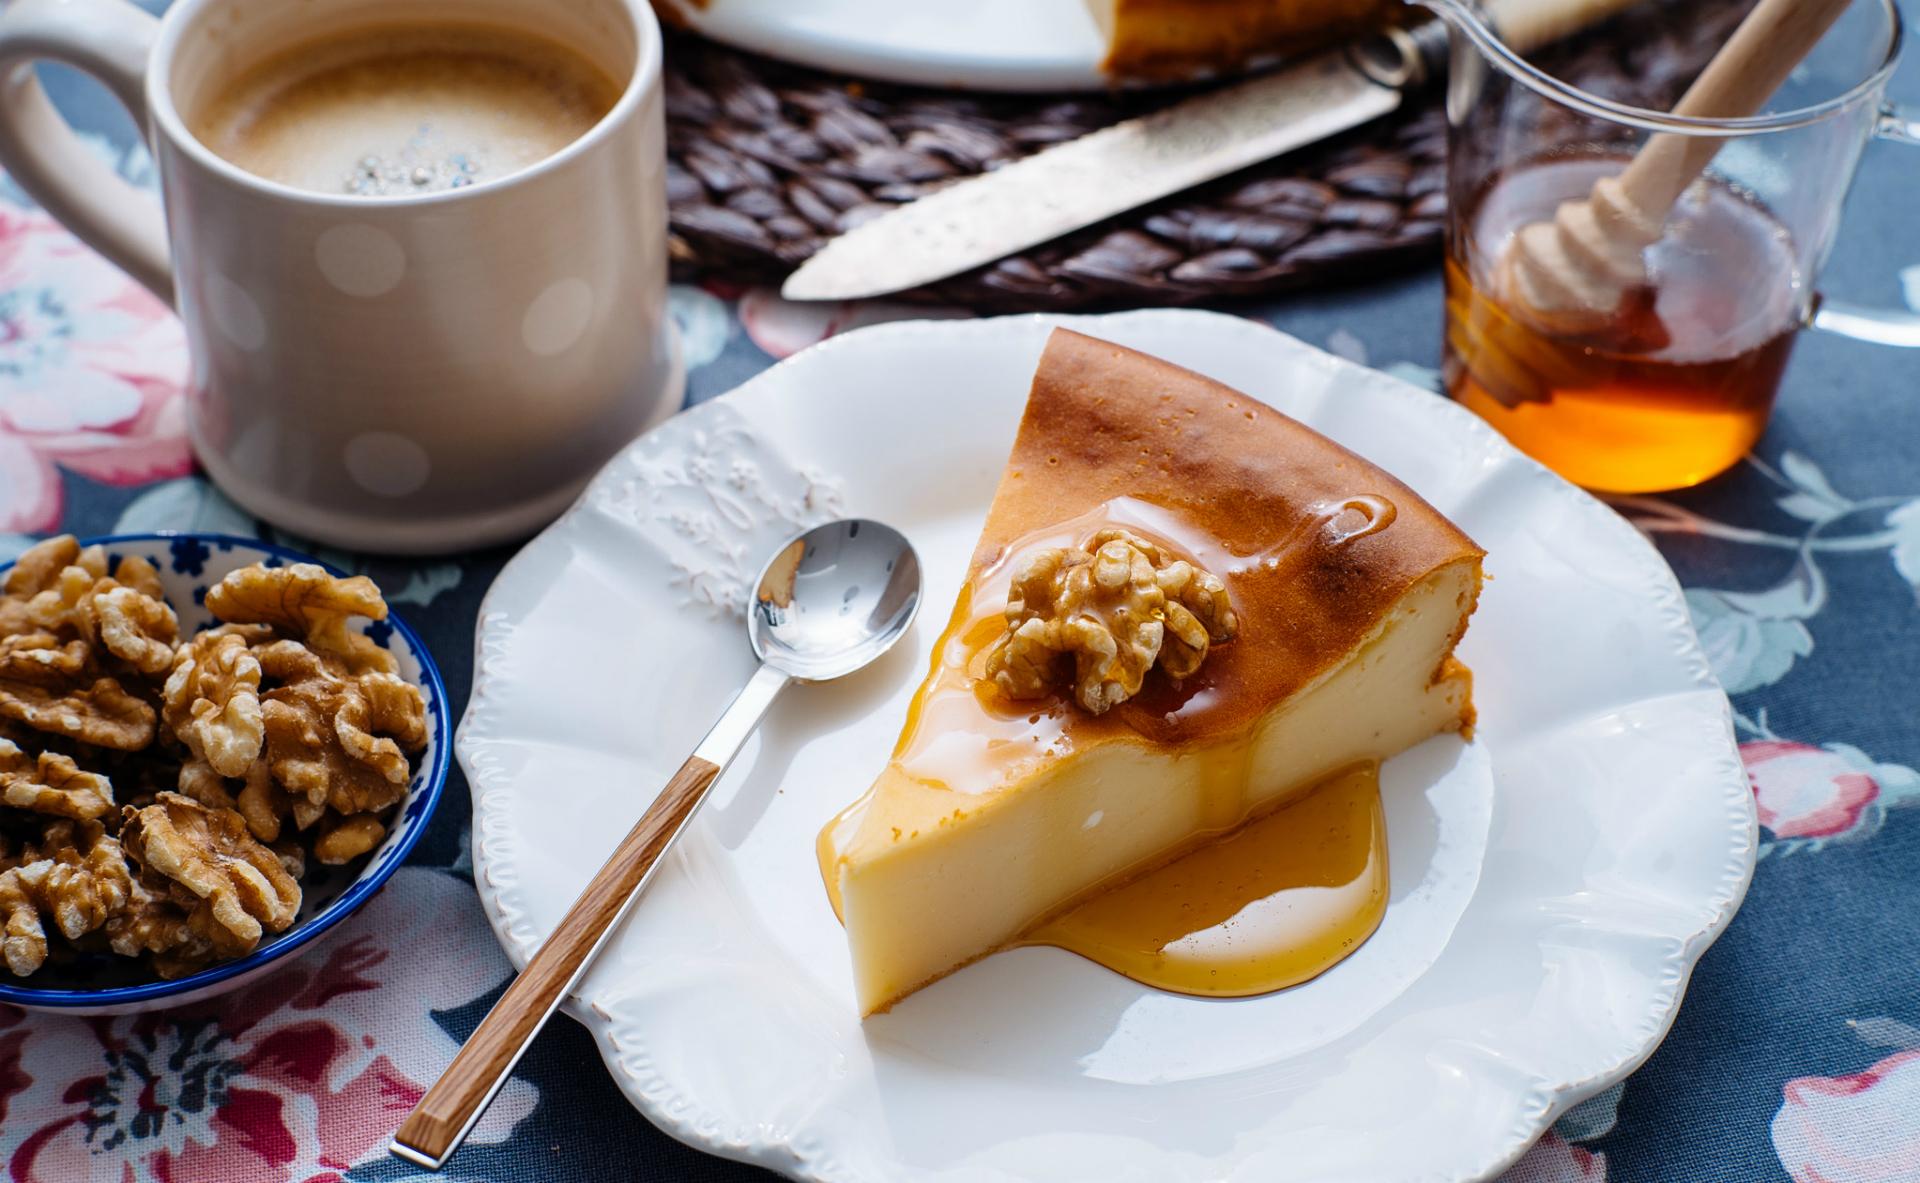 Как приготовить сладкий омлет с медом и орехами фото